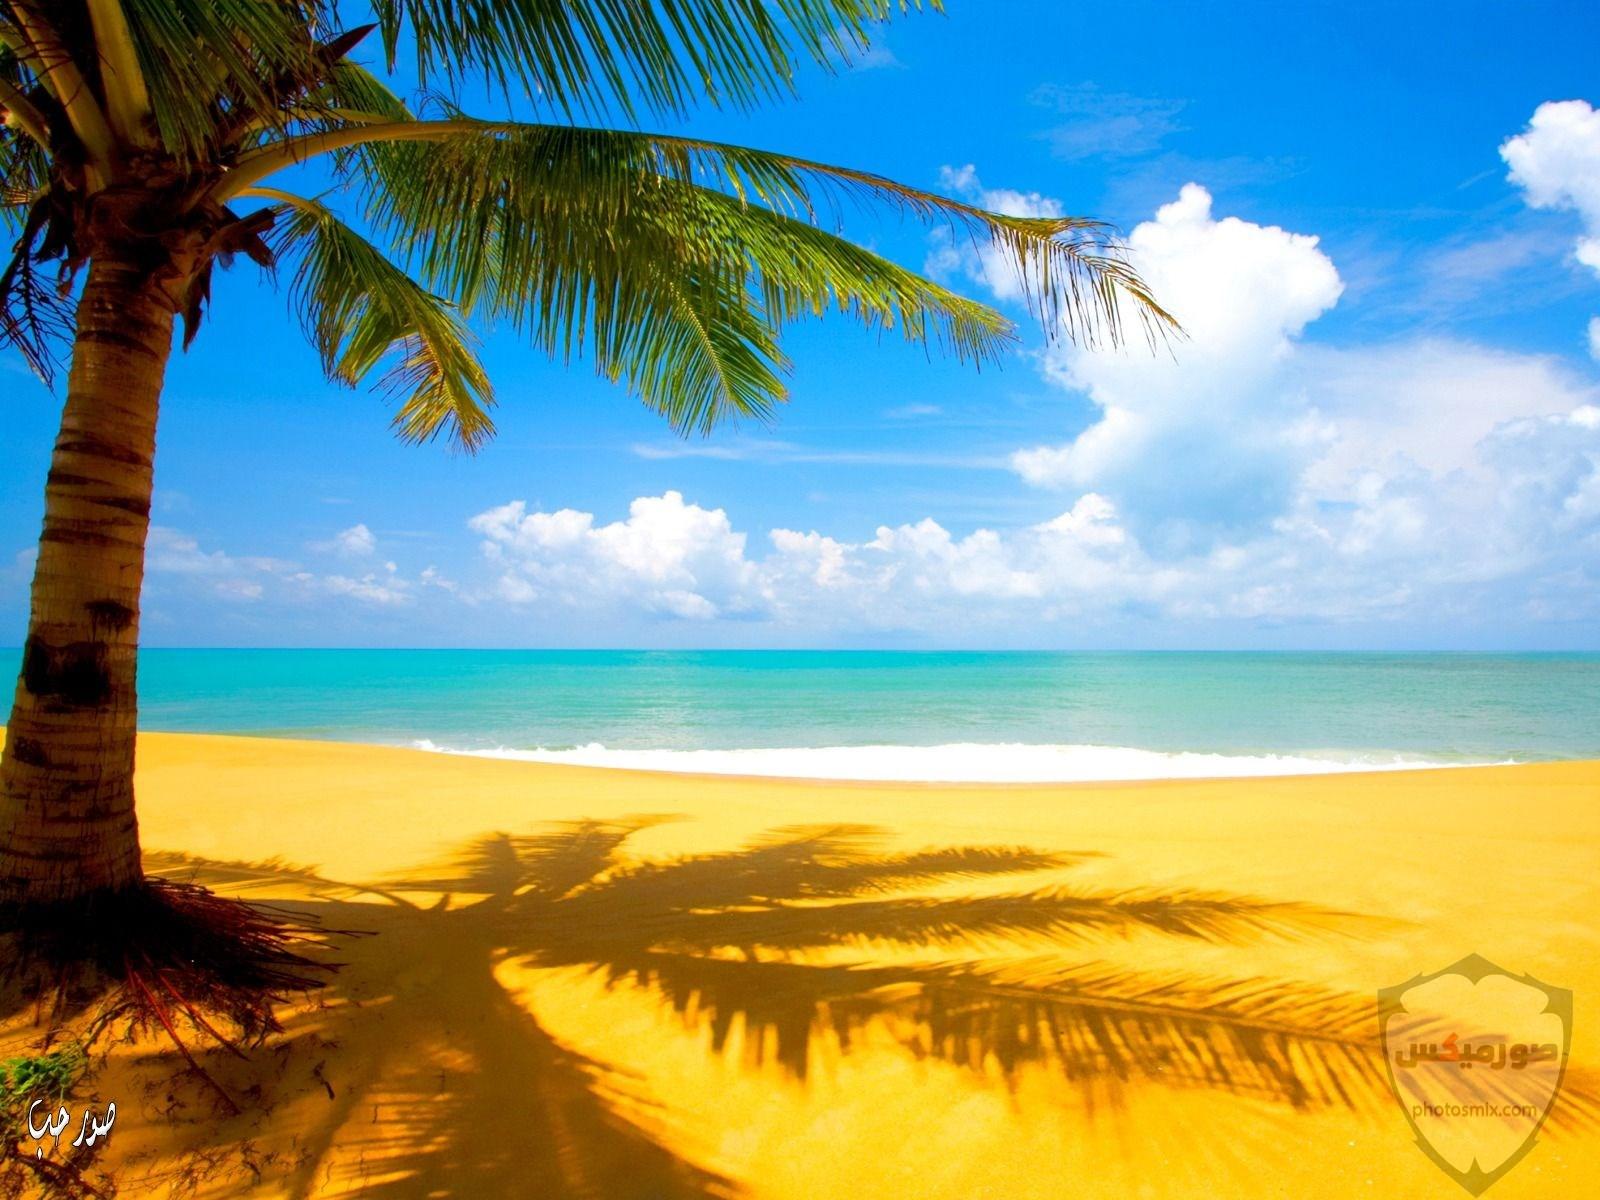 صور شواطئ جميلةصور بحار جميلةصور طبيعية 10